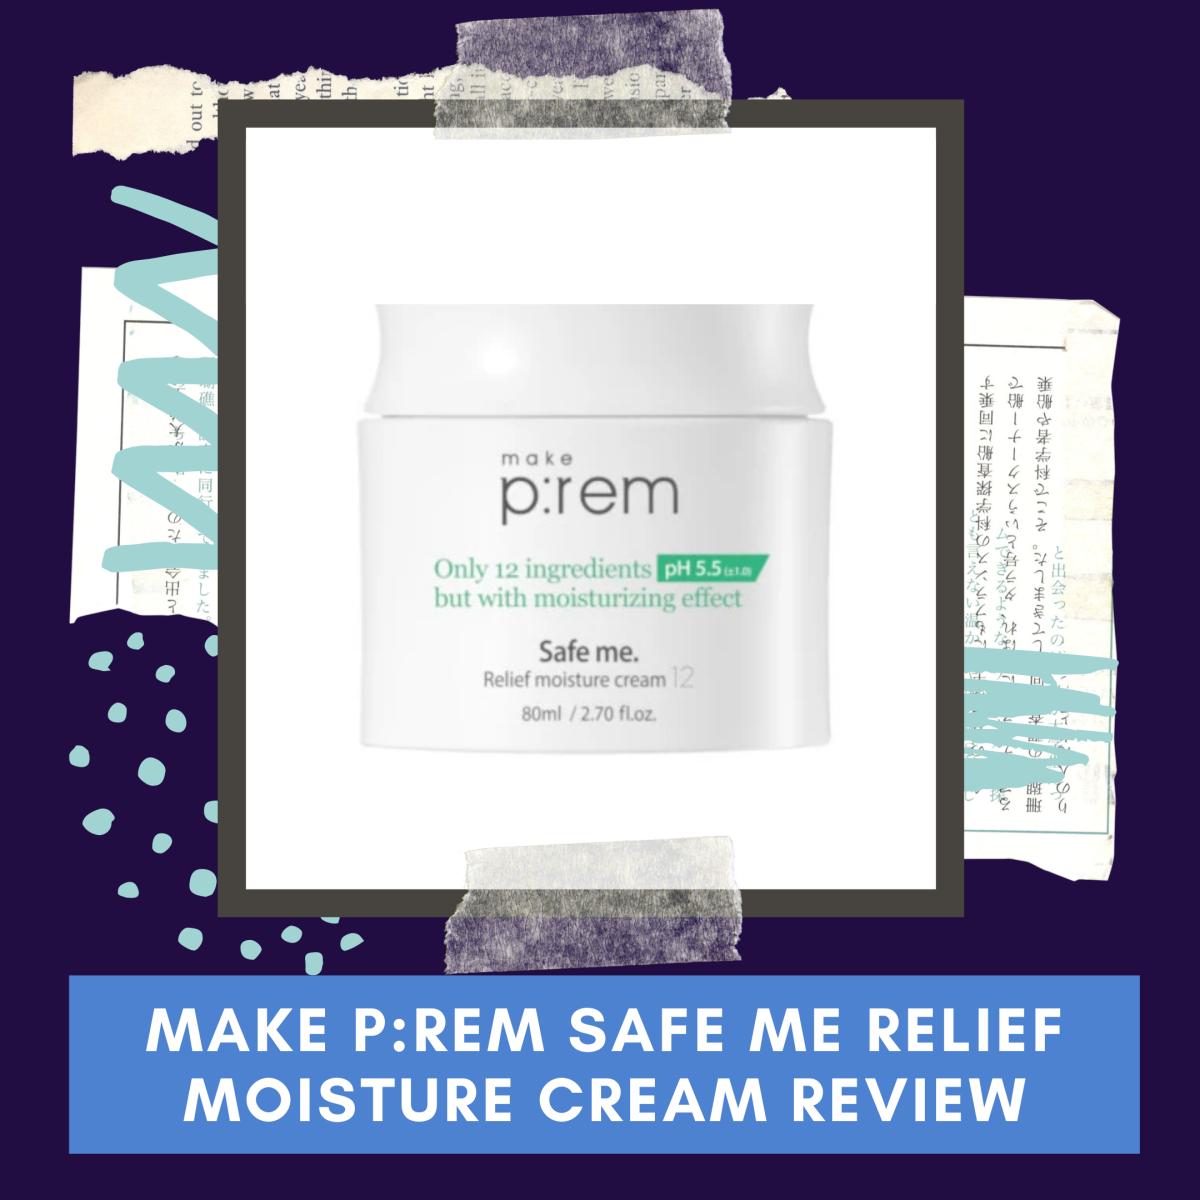 Make P:rem Safe Me Relief Moisture Cream Review